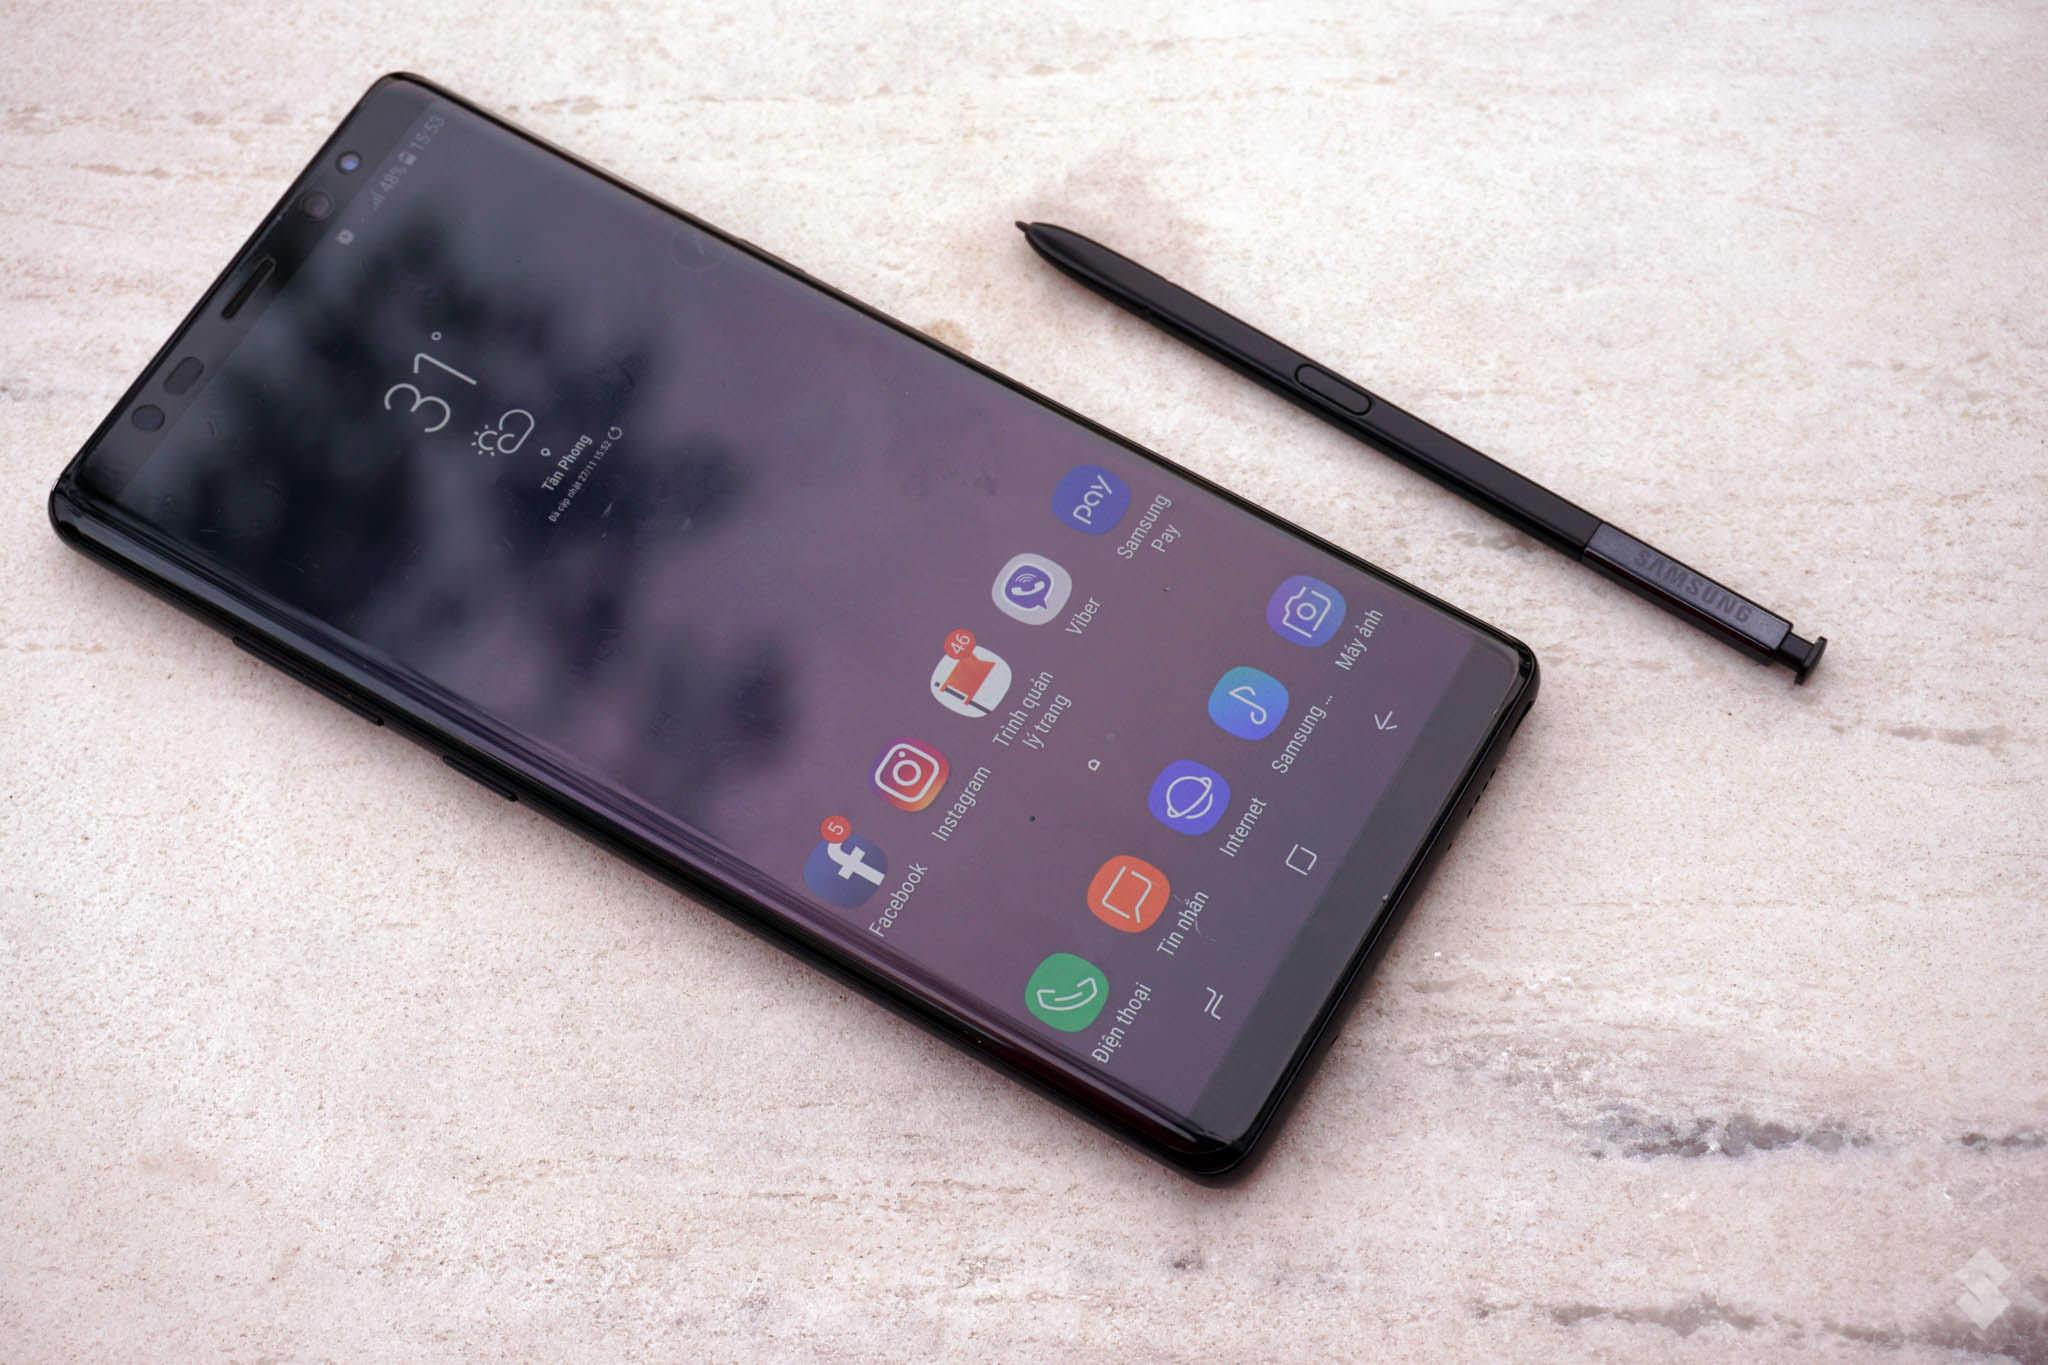 Galaxy Note8 – Khi đã yêu thì không thể từ bỏ được!